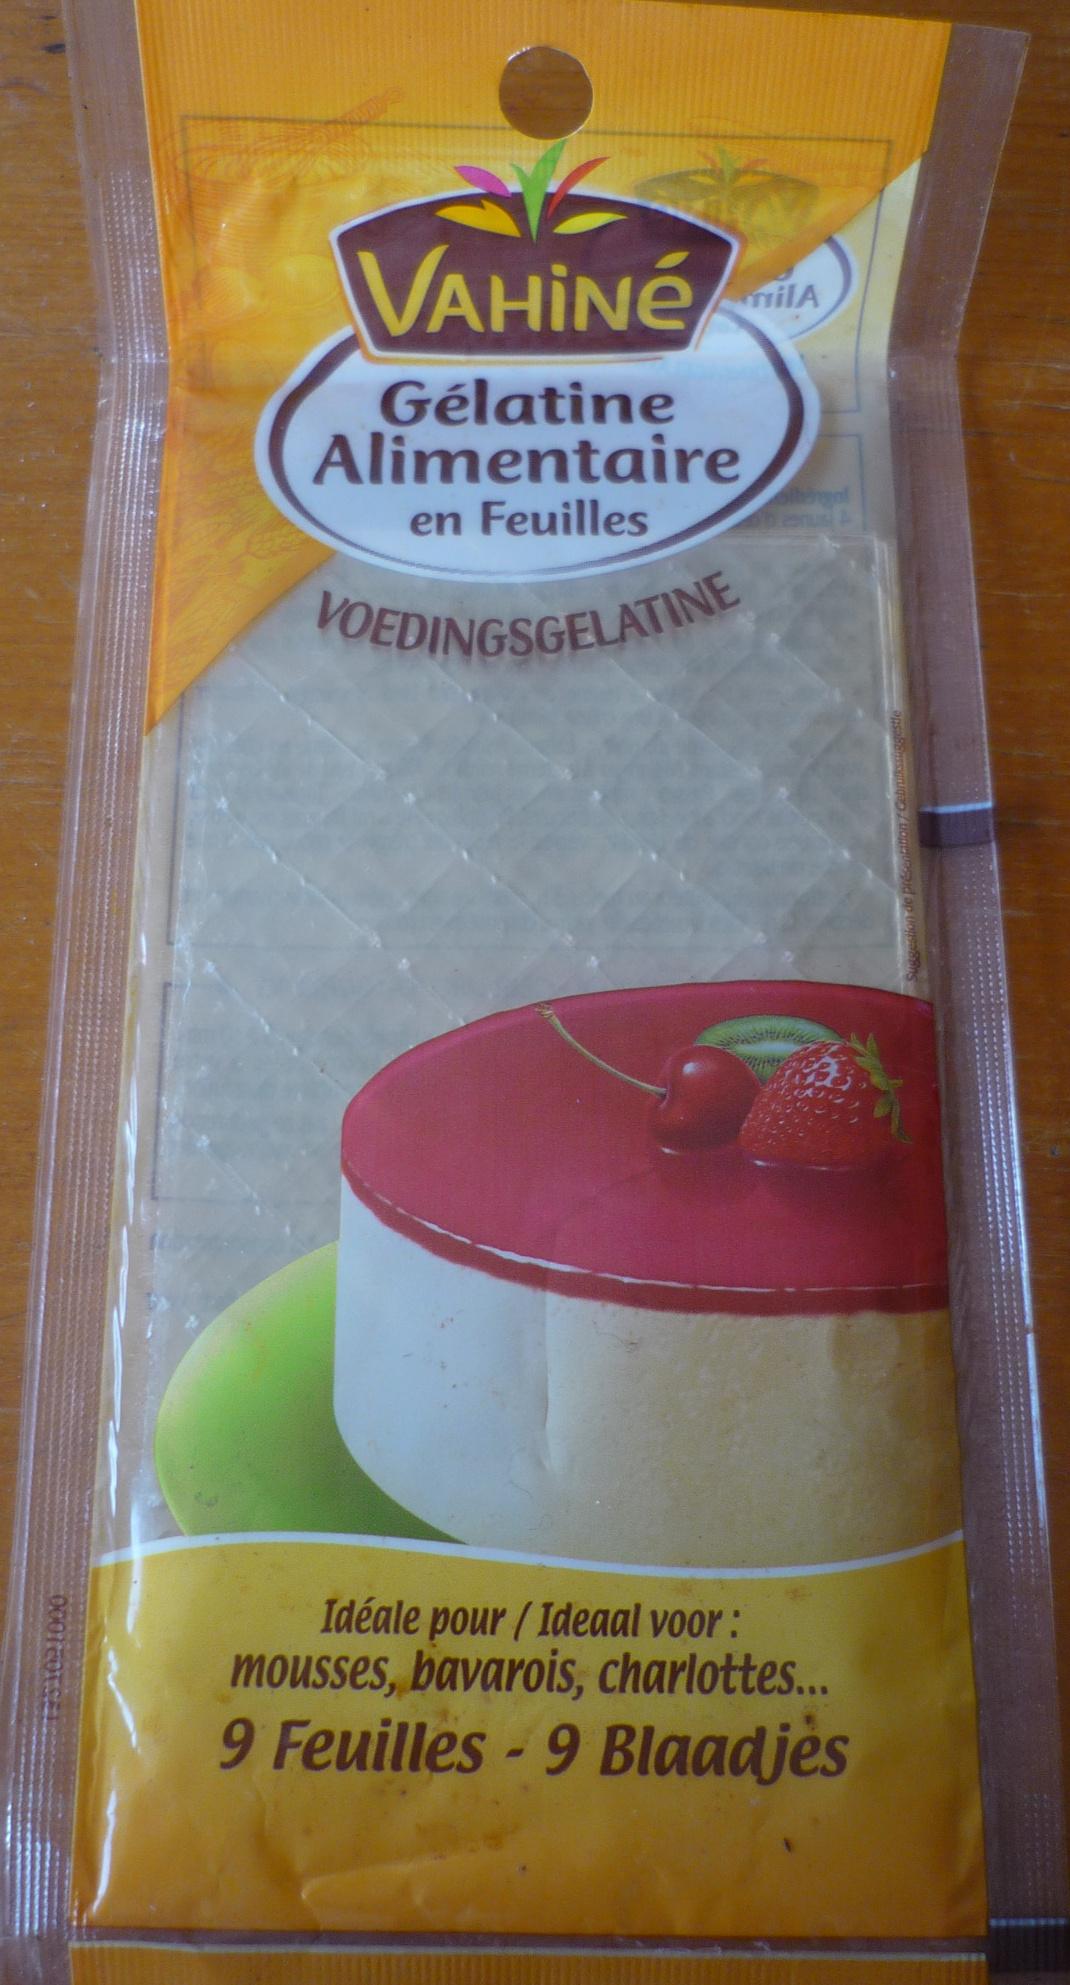 Gélatine alimentaire en feuilles - Produkt - fr